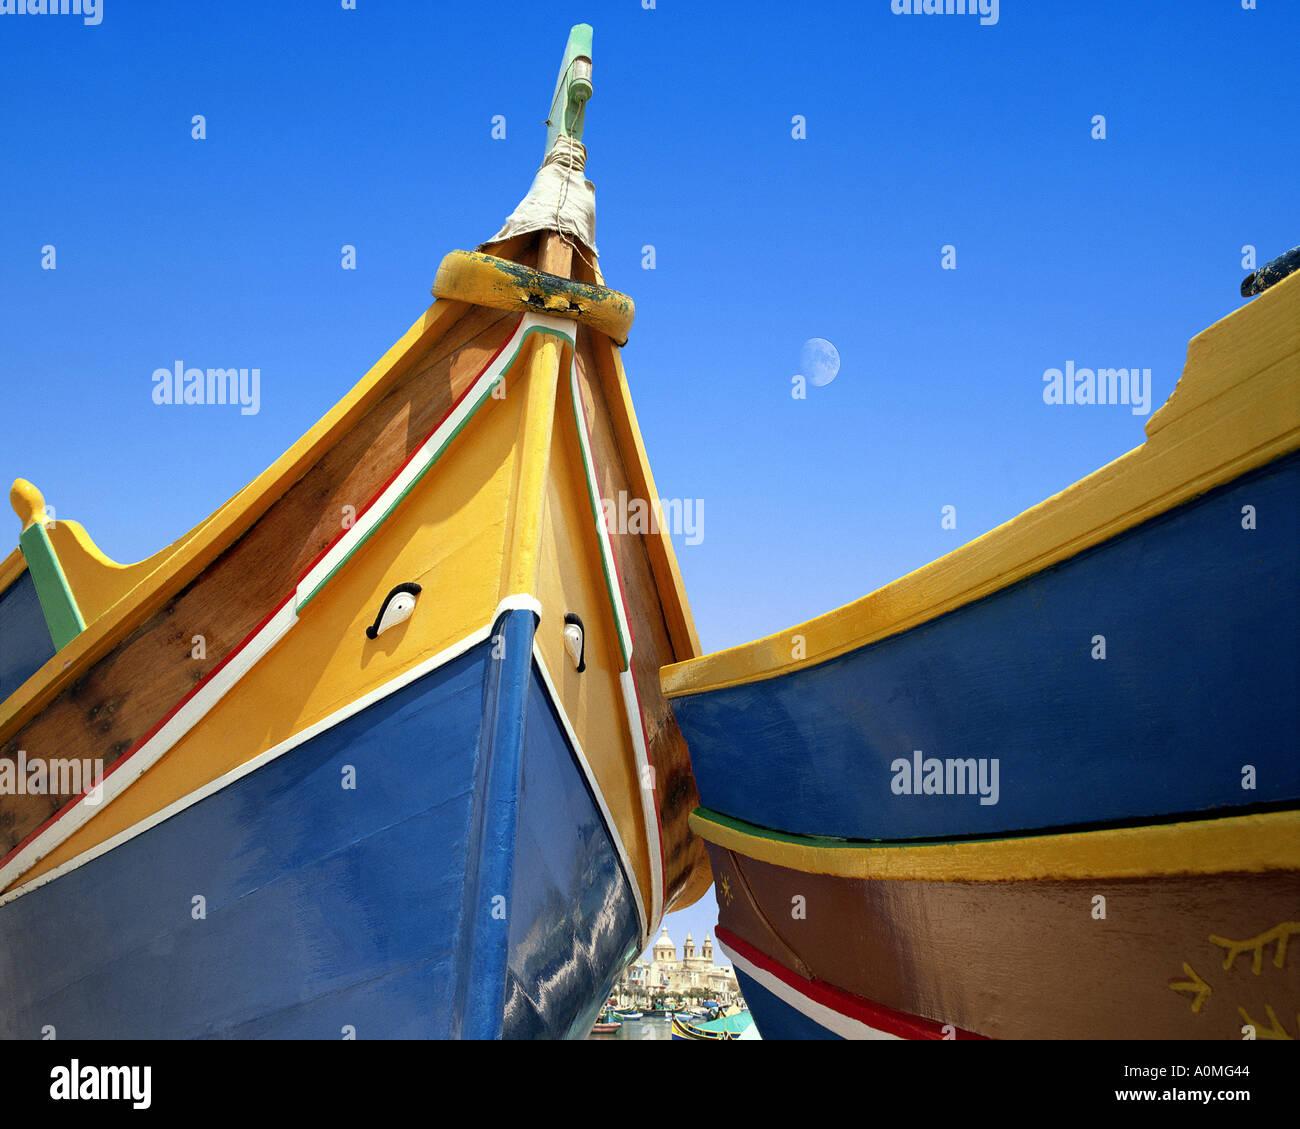 MT - Malta: tipiche barche maltesi al Porto di Marsaxlokk Foto Stock